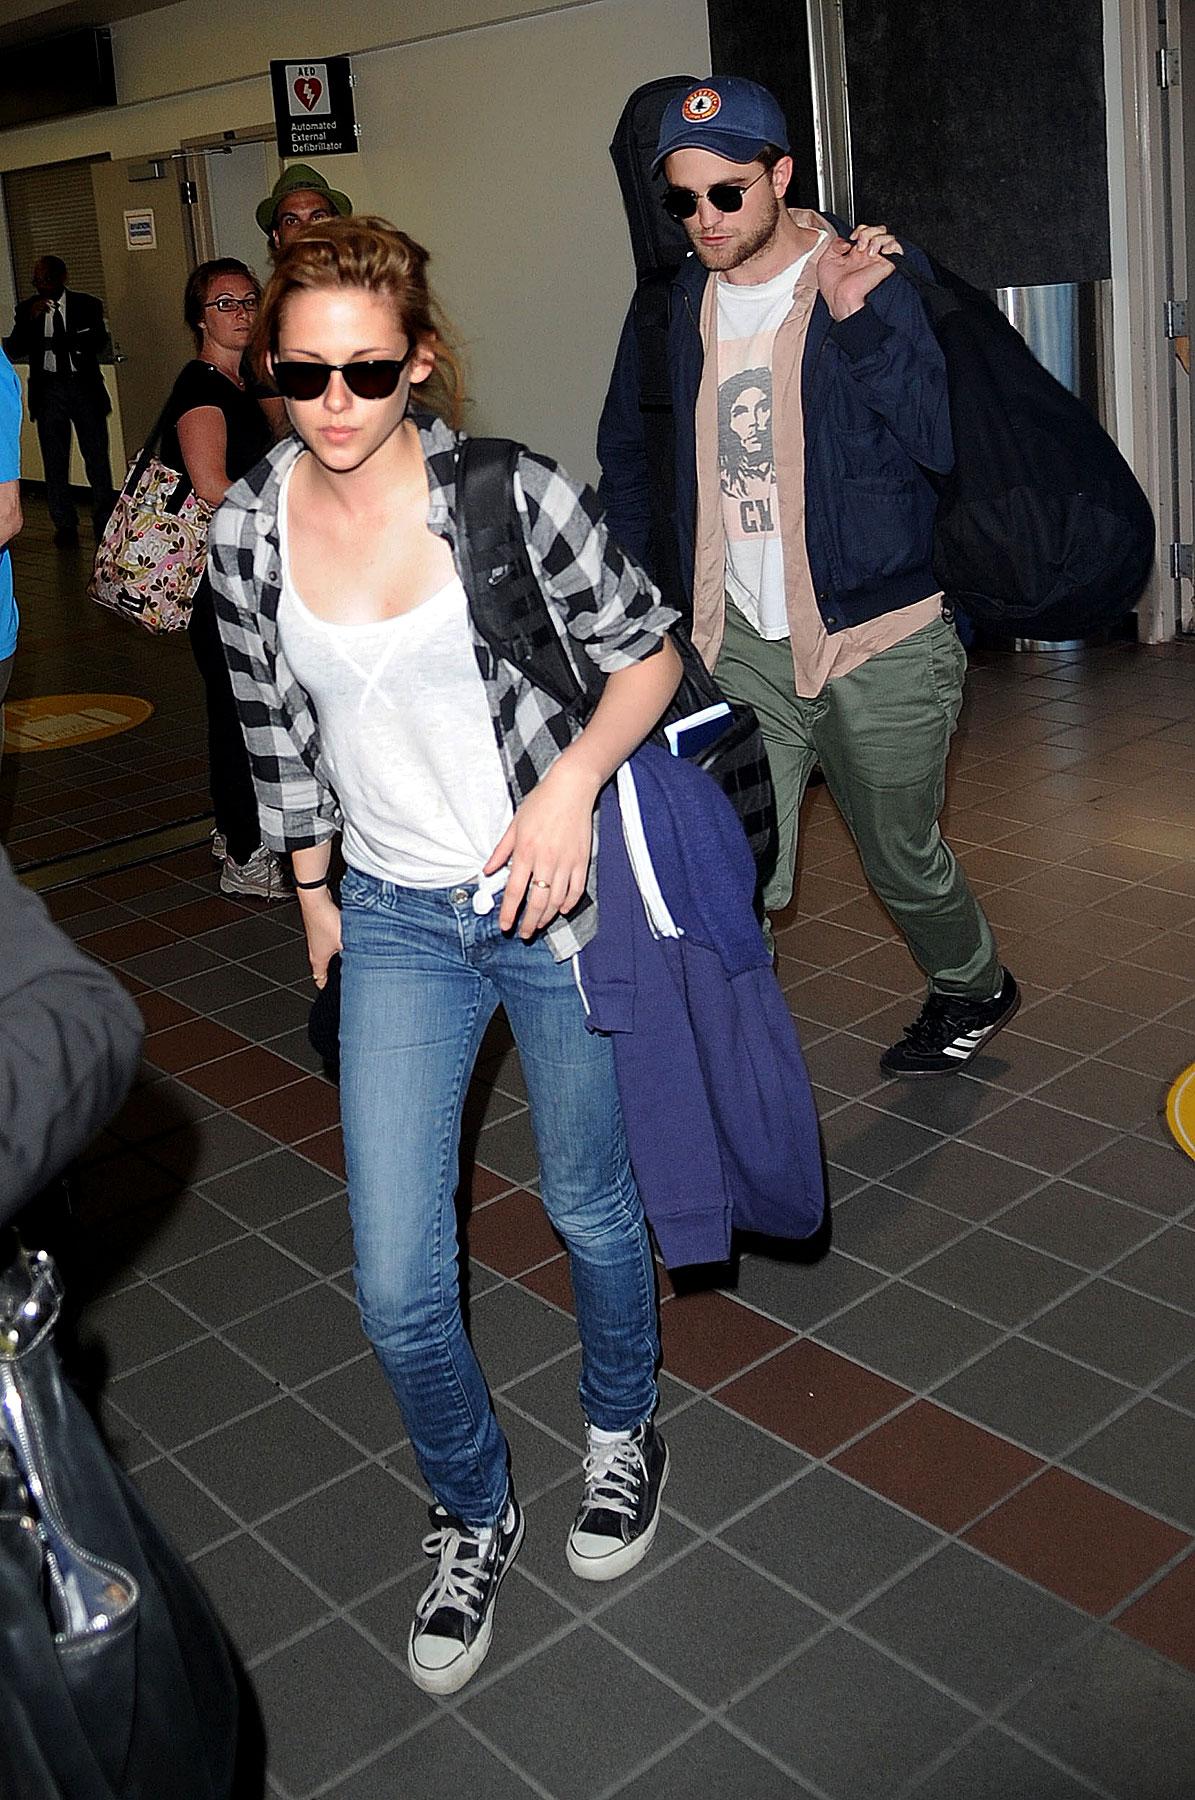 Robert Pattinson & Kristen Stewart Land in LA (PHOTOS)